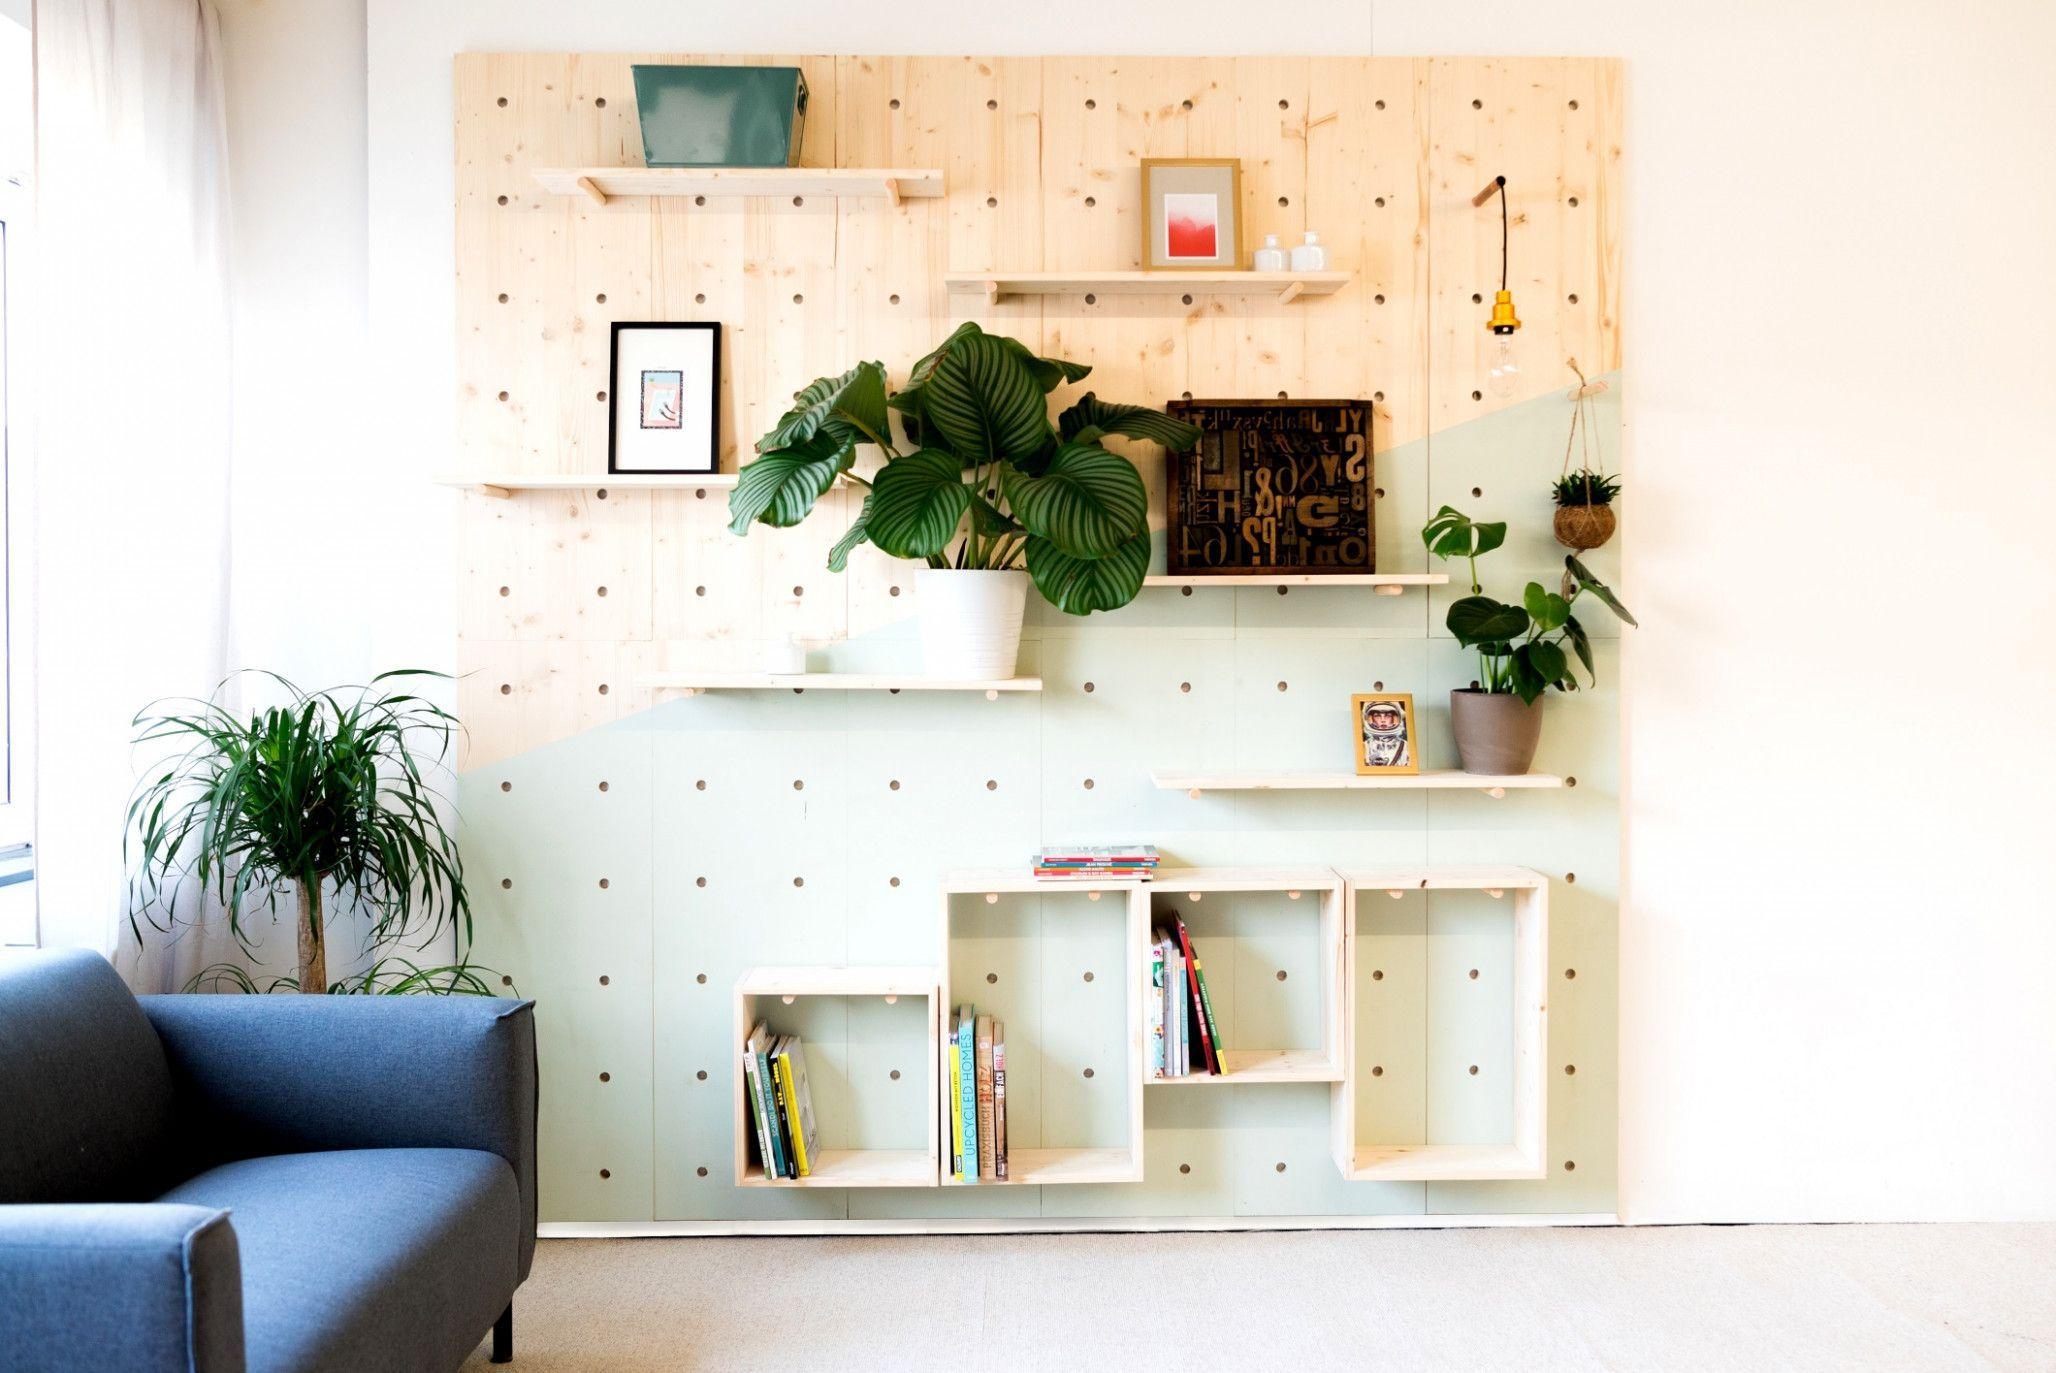 Wohnzimmer Rega - #Rega #selberbauenwohnzimmer #Wohnzimmer